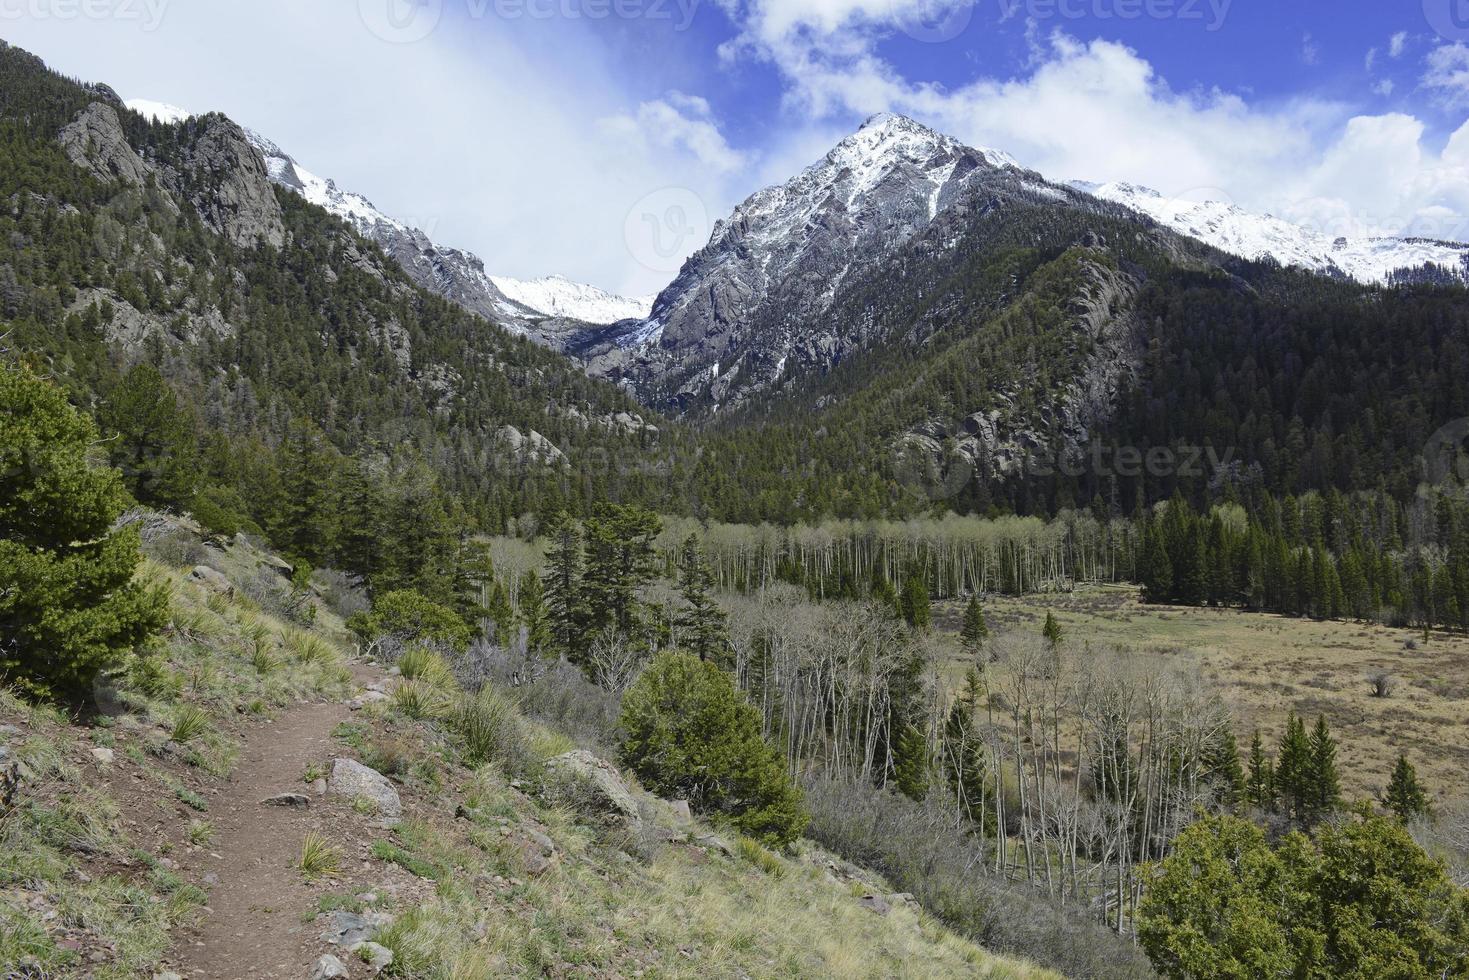 paisagem alpina, cordilheira sangre de cristo, montanhas rochosas no colorado foto